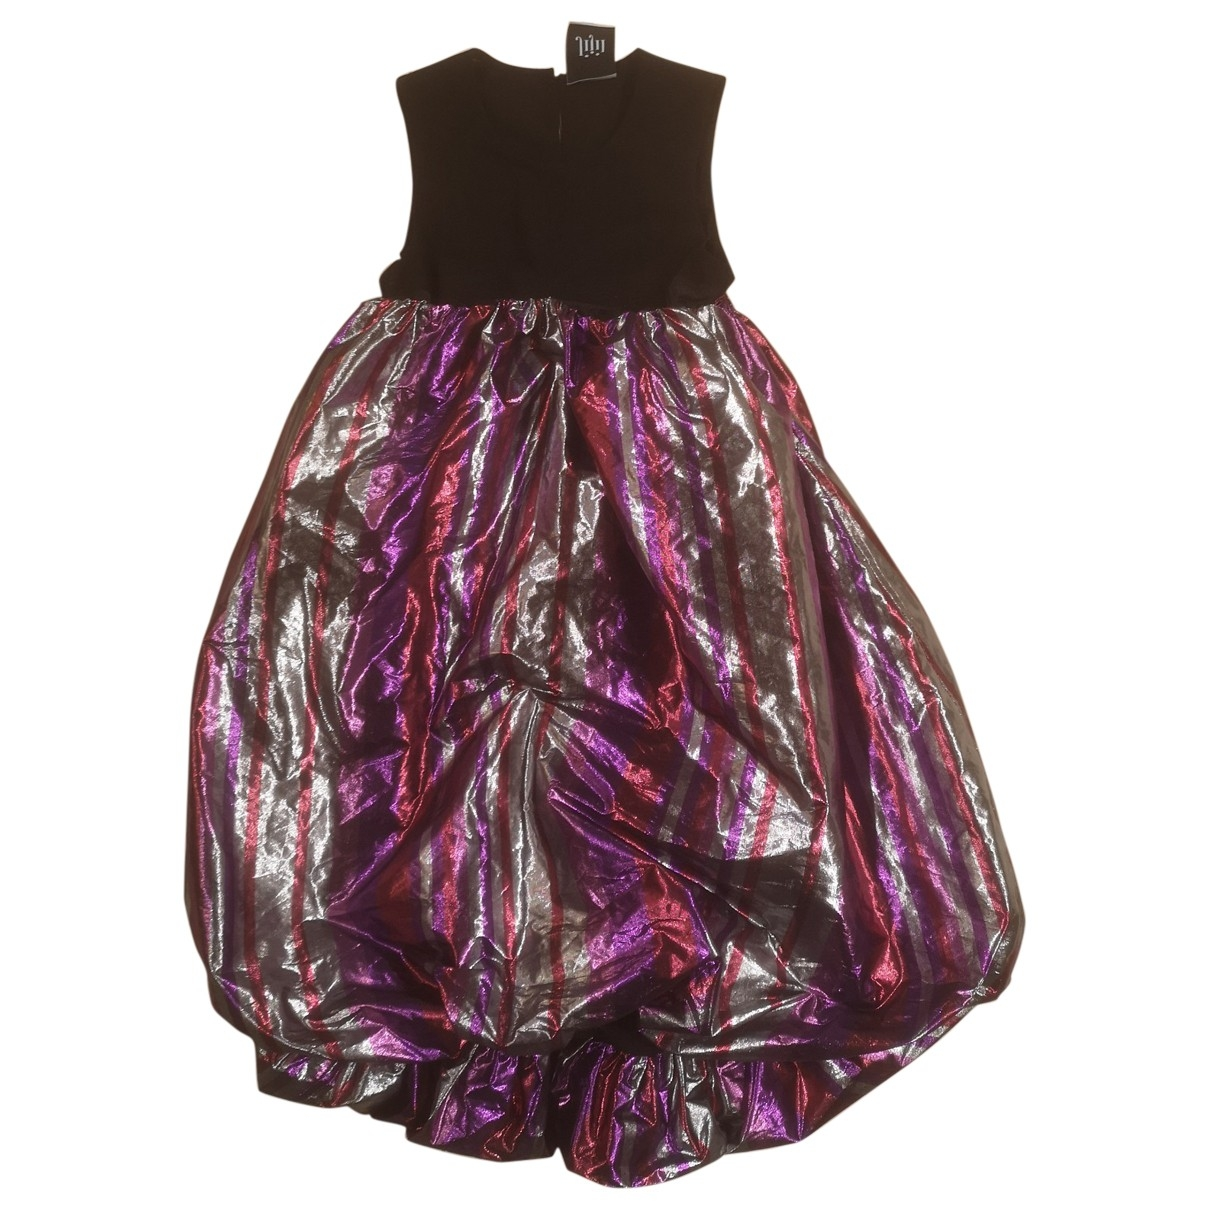 Jijil \N Kleid in  Bunt Polyester